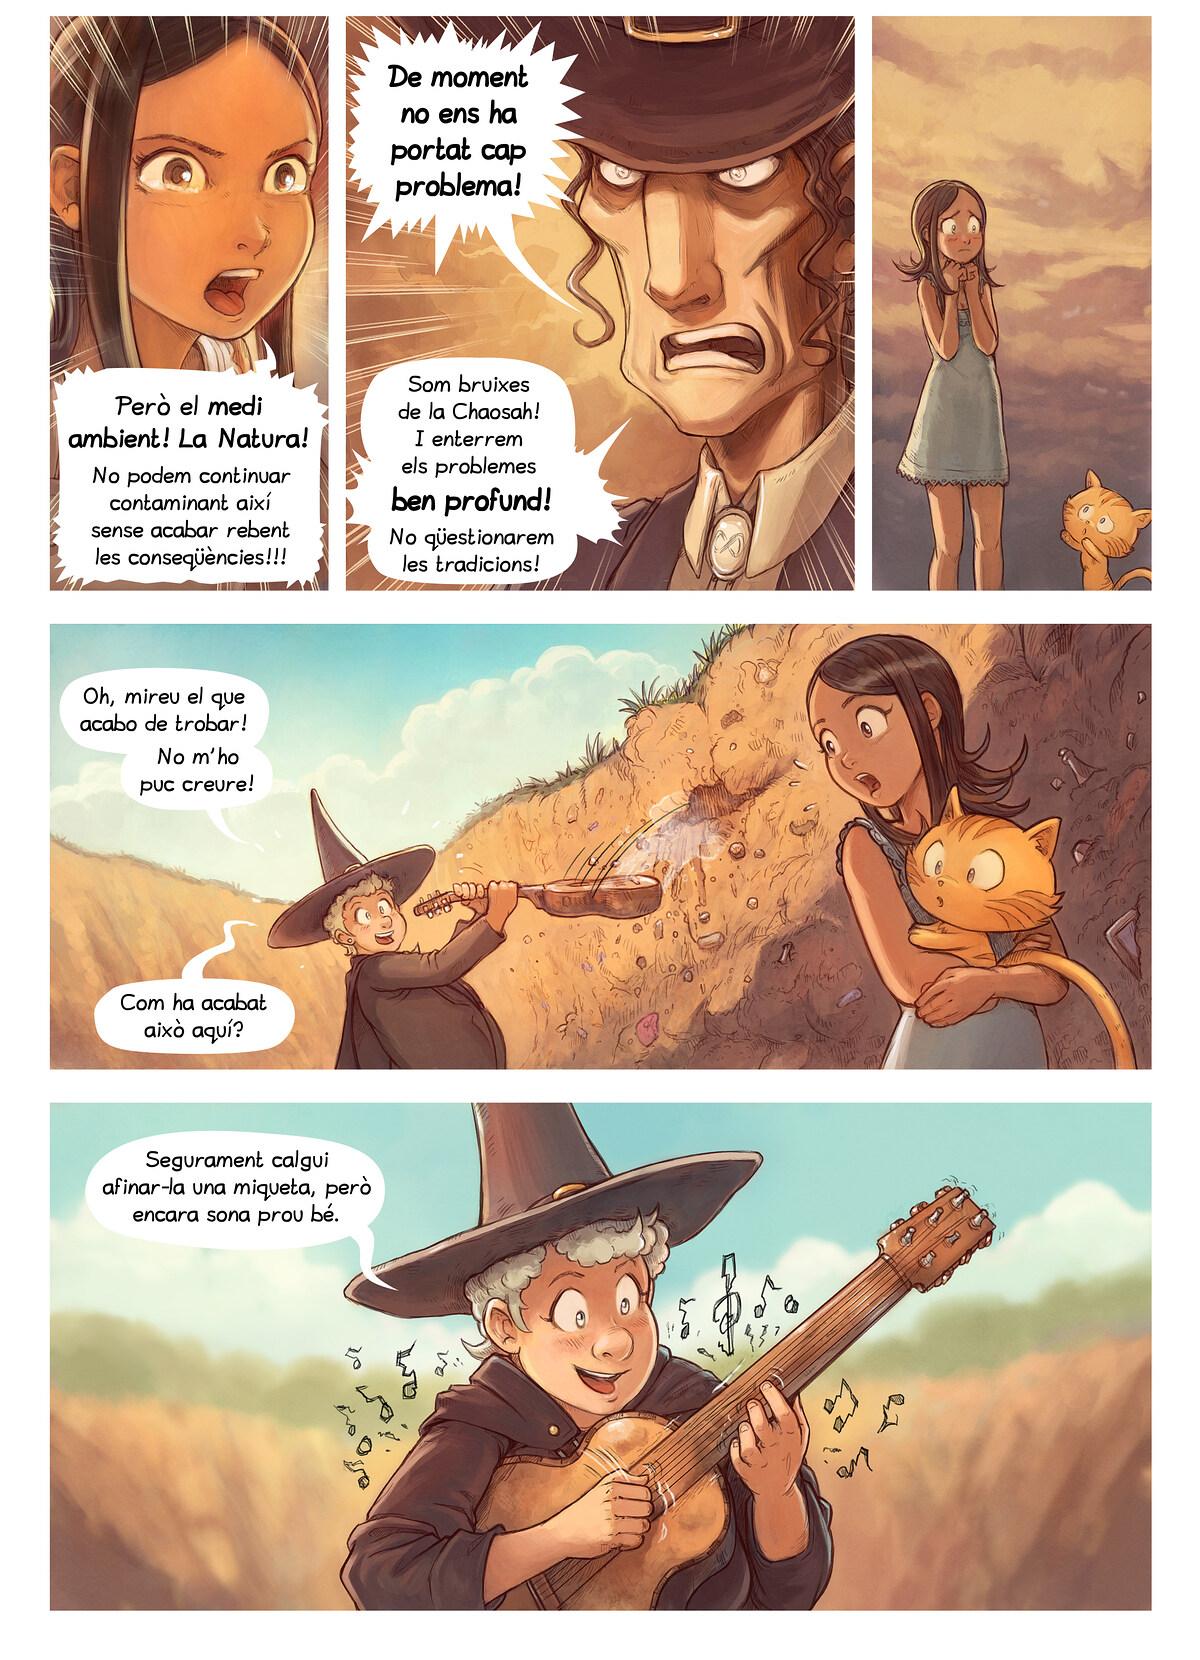 A webcomic page of Pepper&Carrot, episodi 19 [ca], pàgina 6